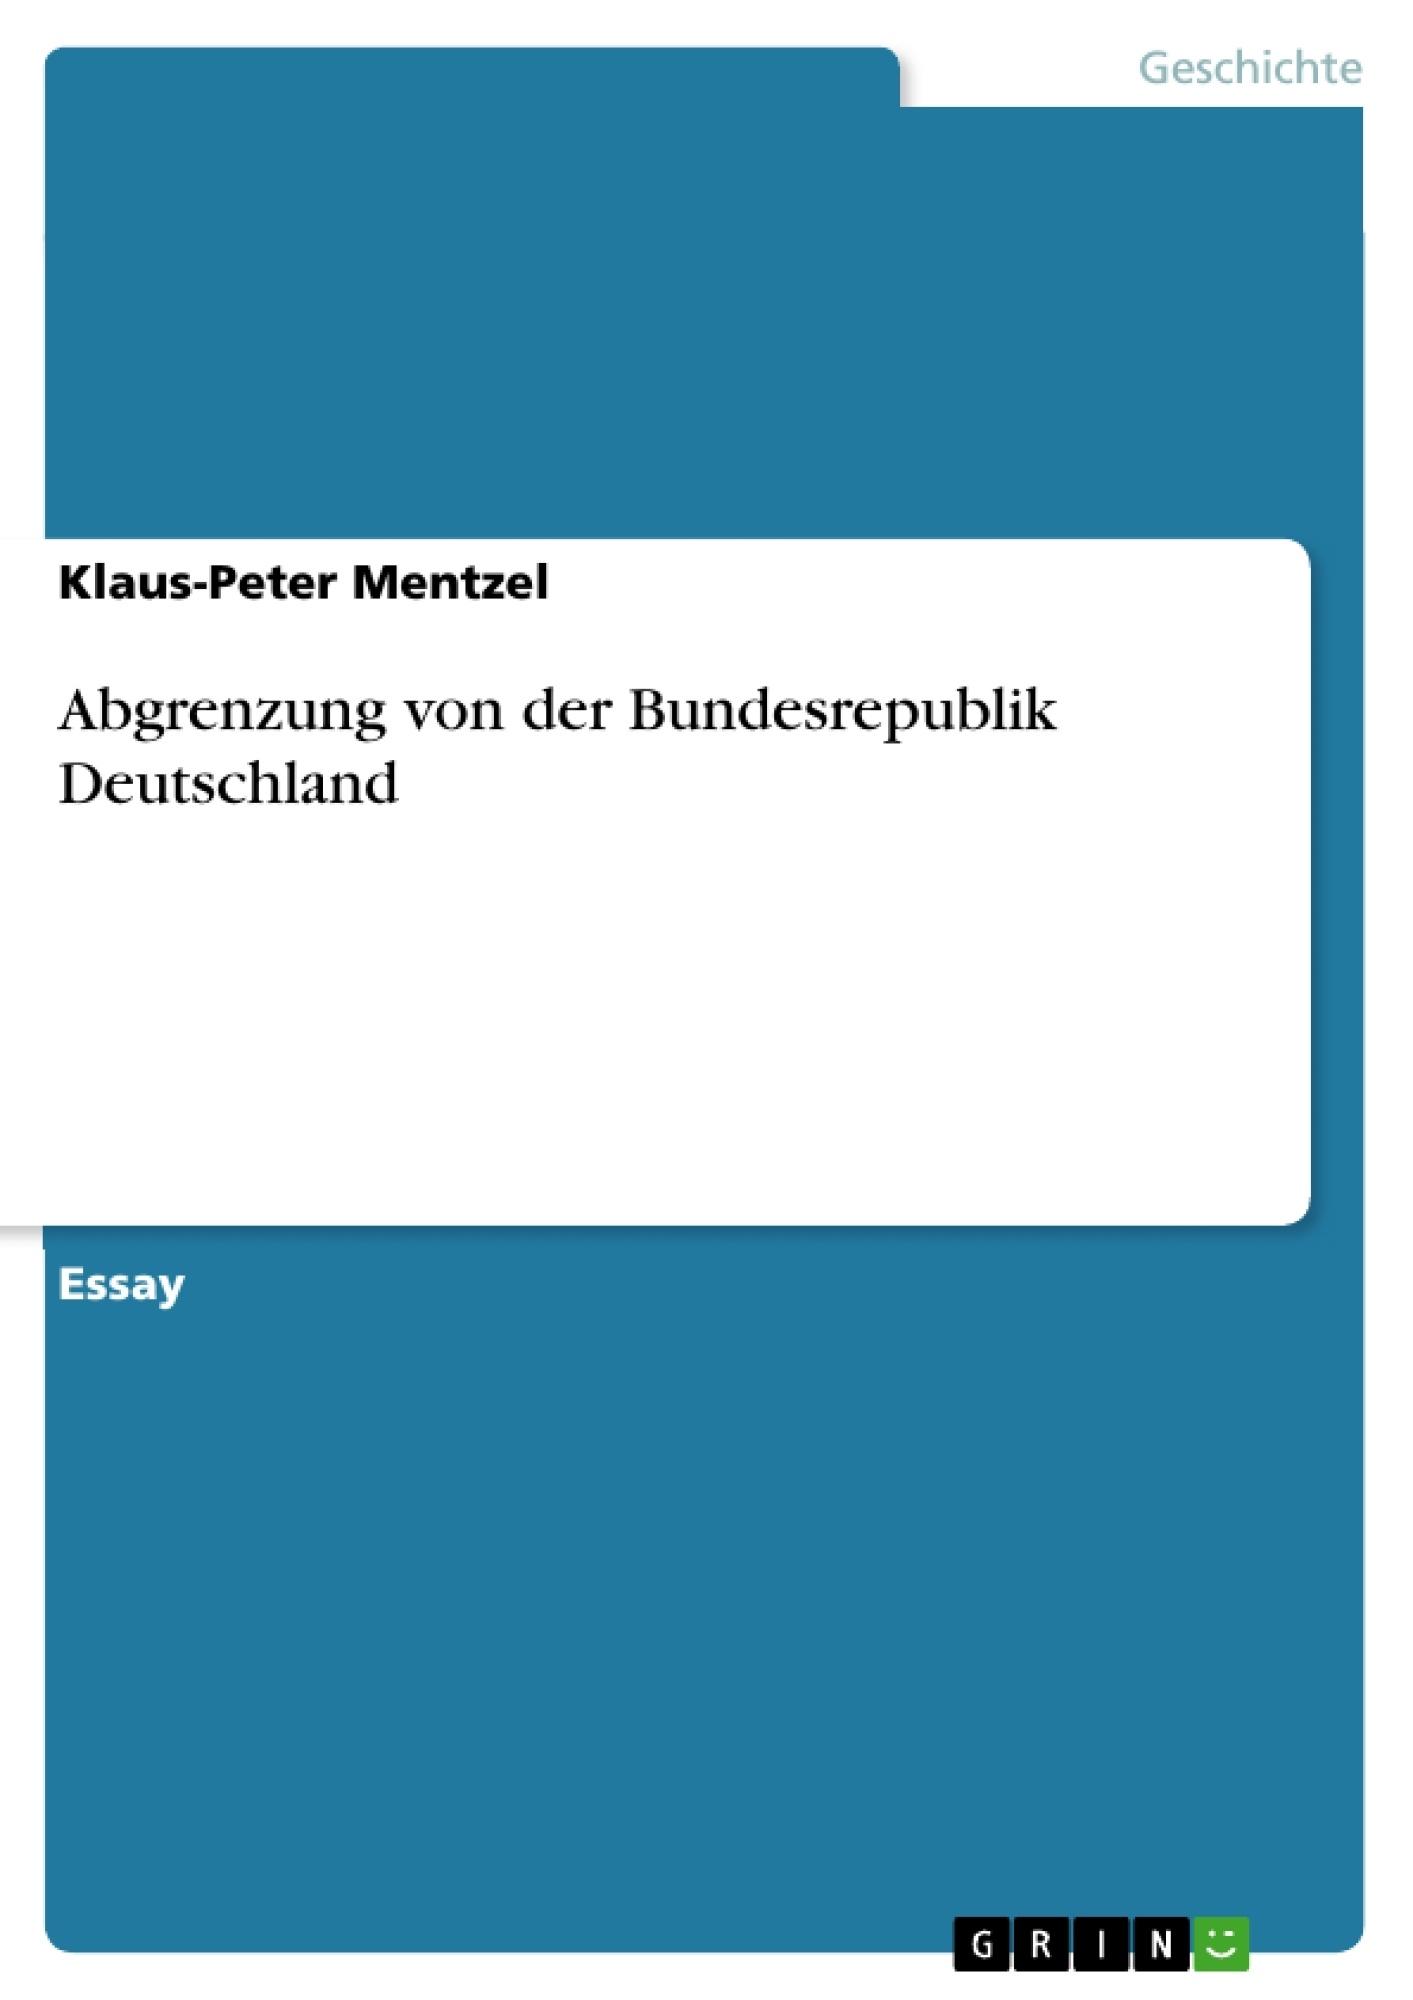 Titel: Abgrenzung von der Bundesrepublik Deutschland